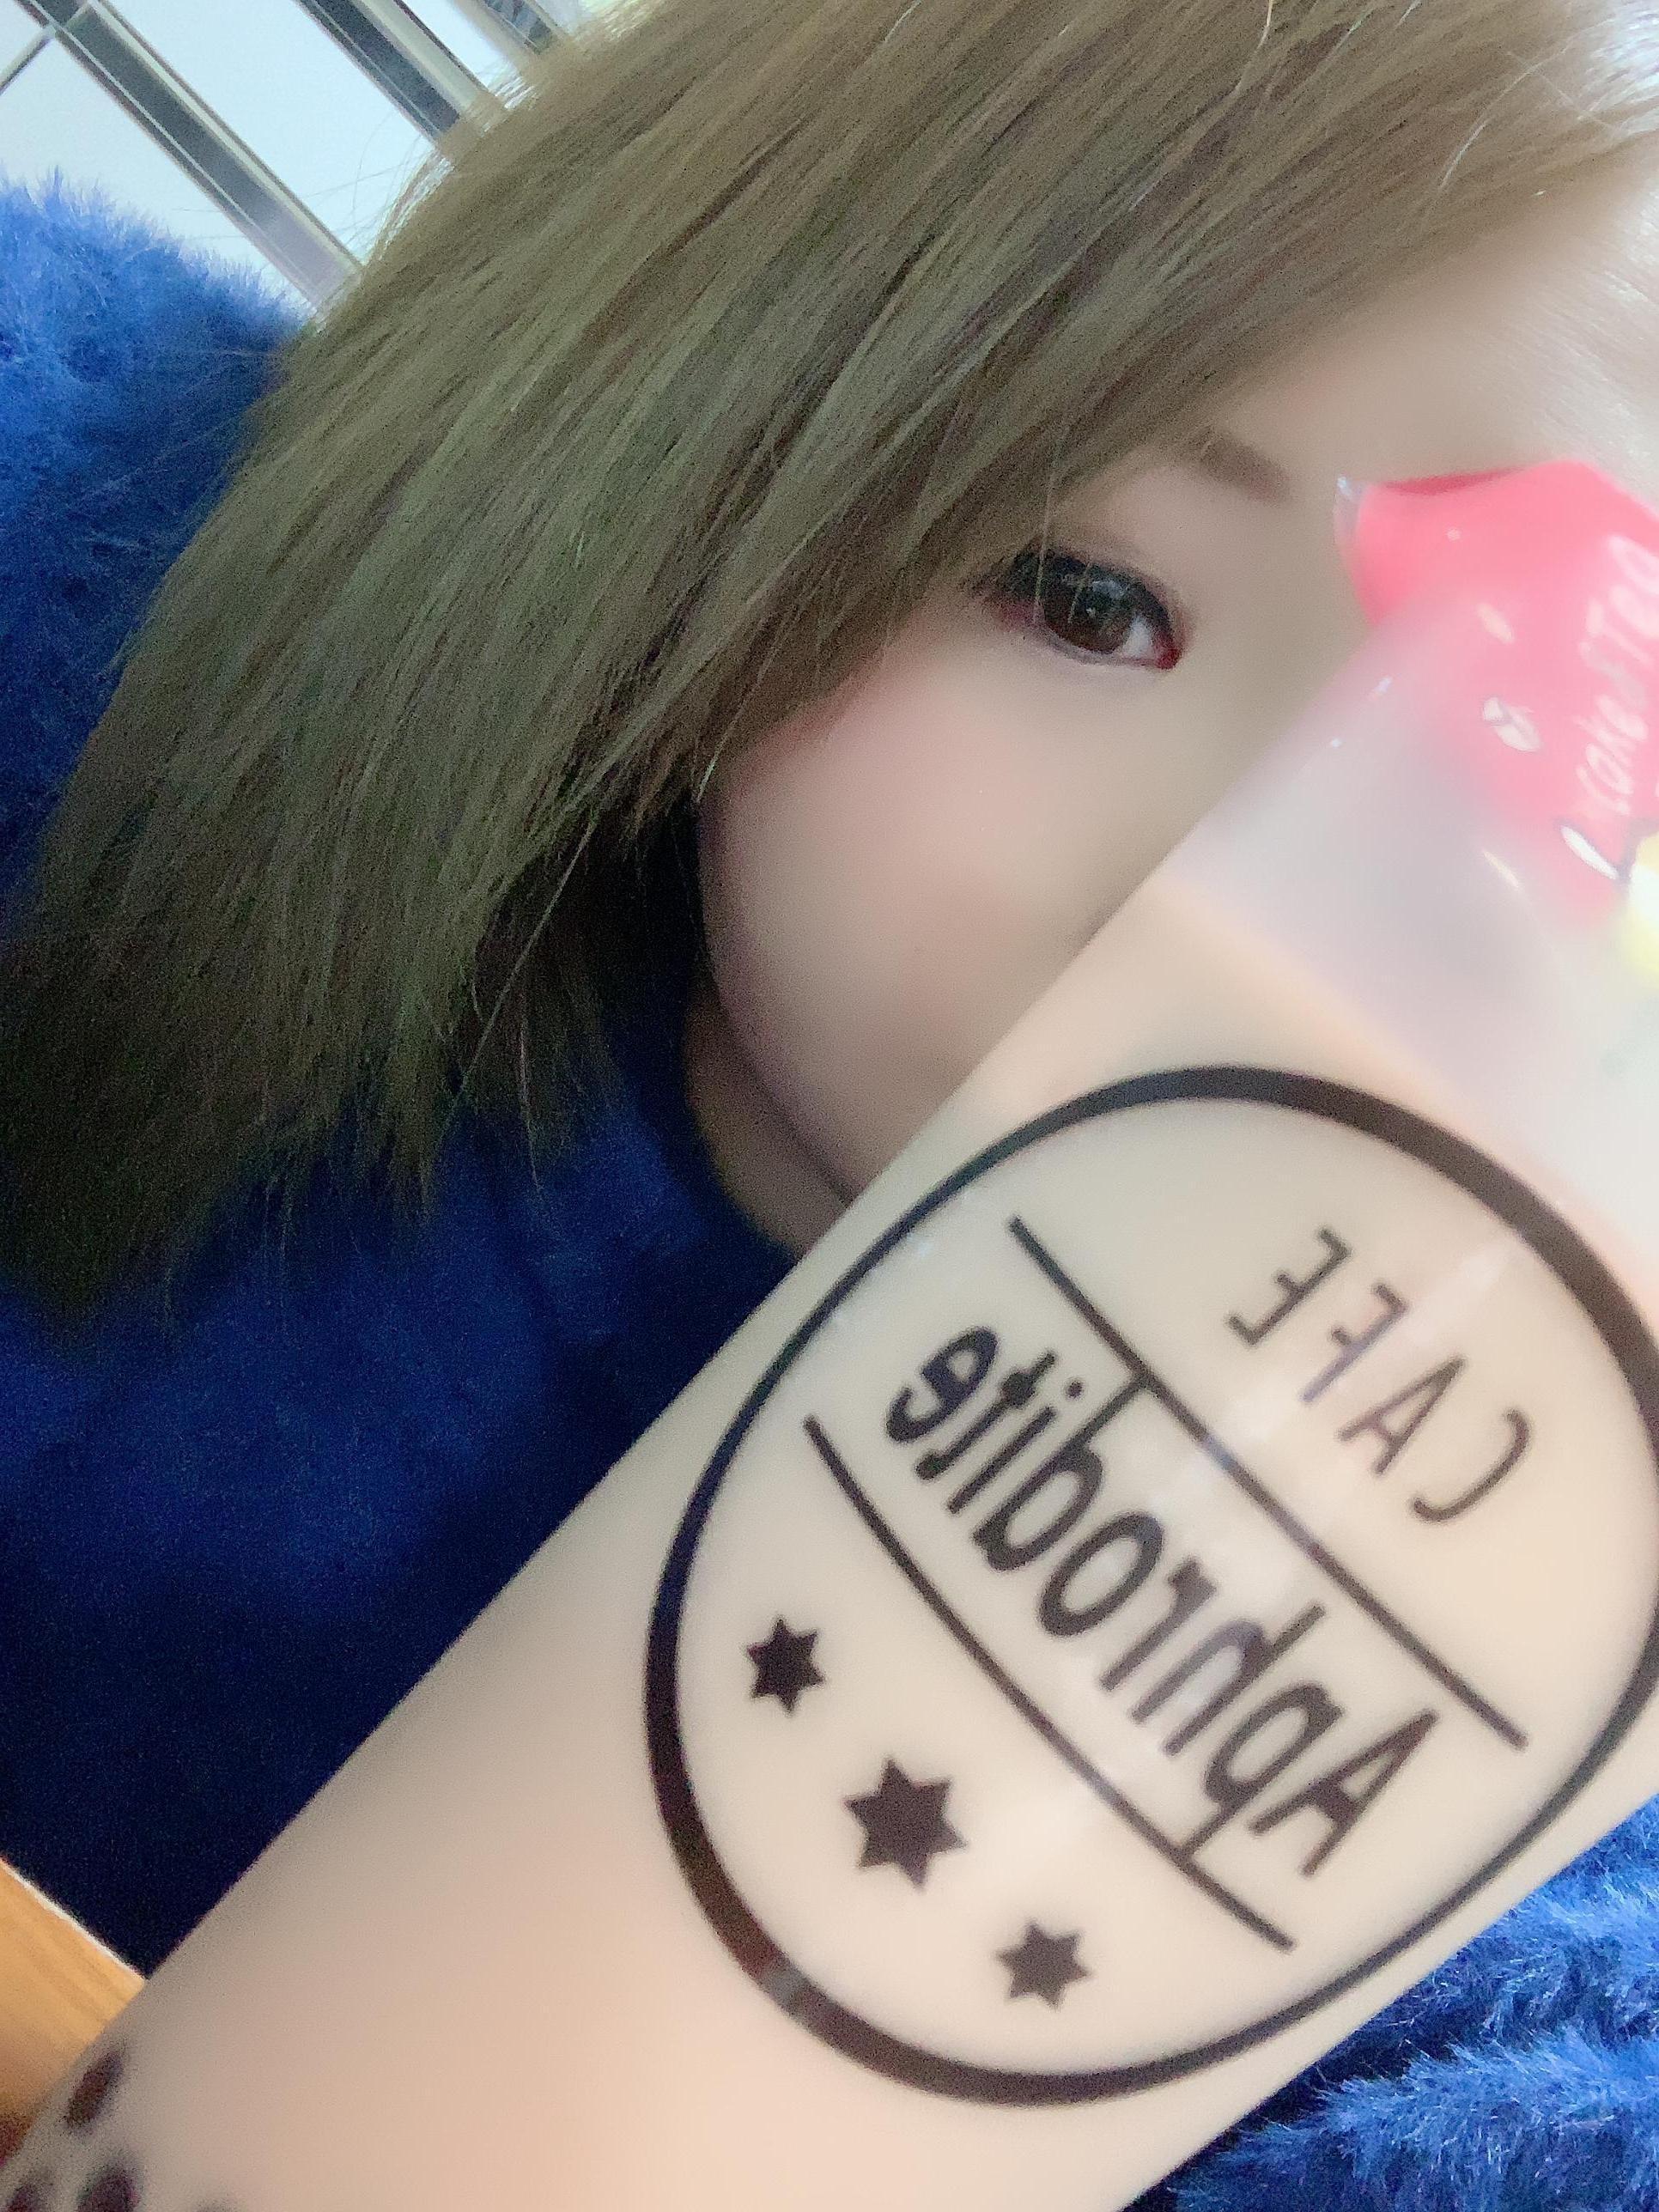 「タピタピ」03/26(火) 16:56 | さとみの写メ・風俗動画